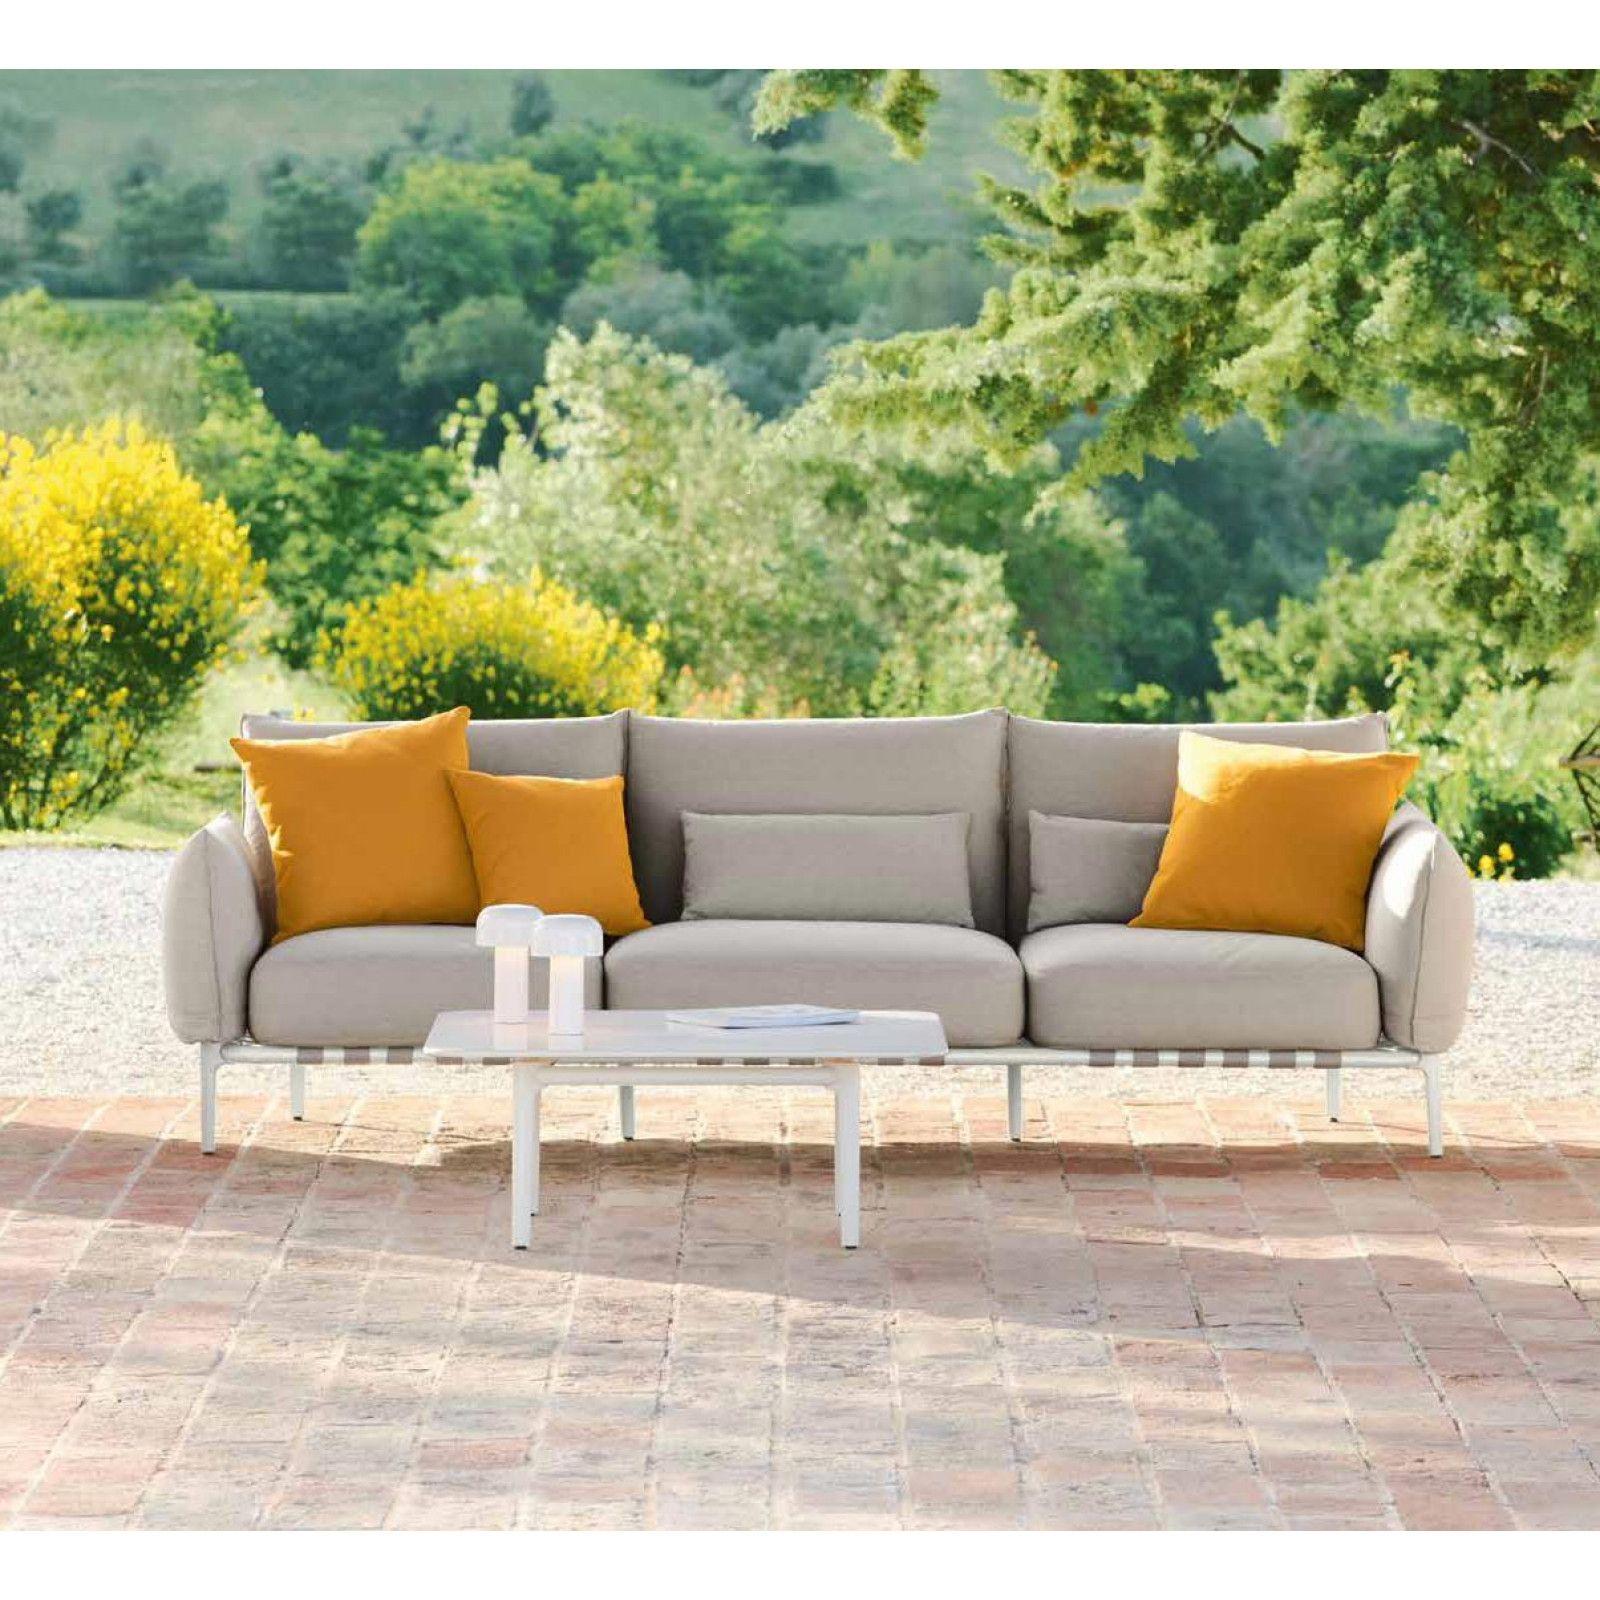 Dedon Brea Gartensofa Loungesofa Outdoor Sofa Gartenmobel Design Aussenmobel